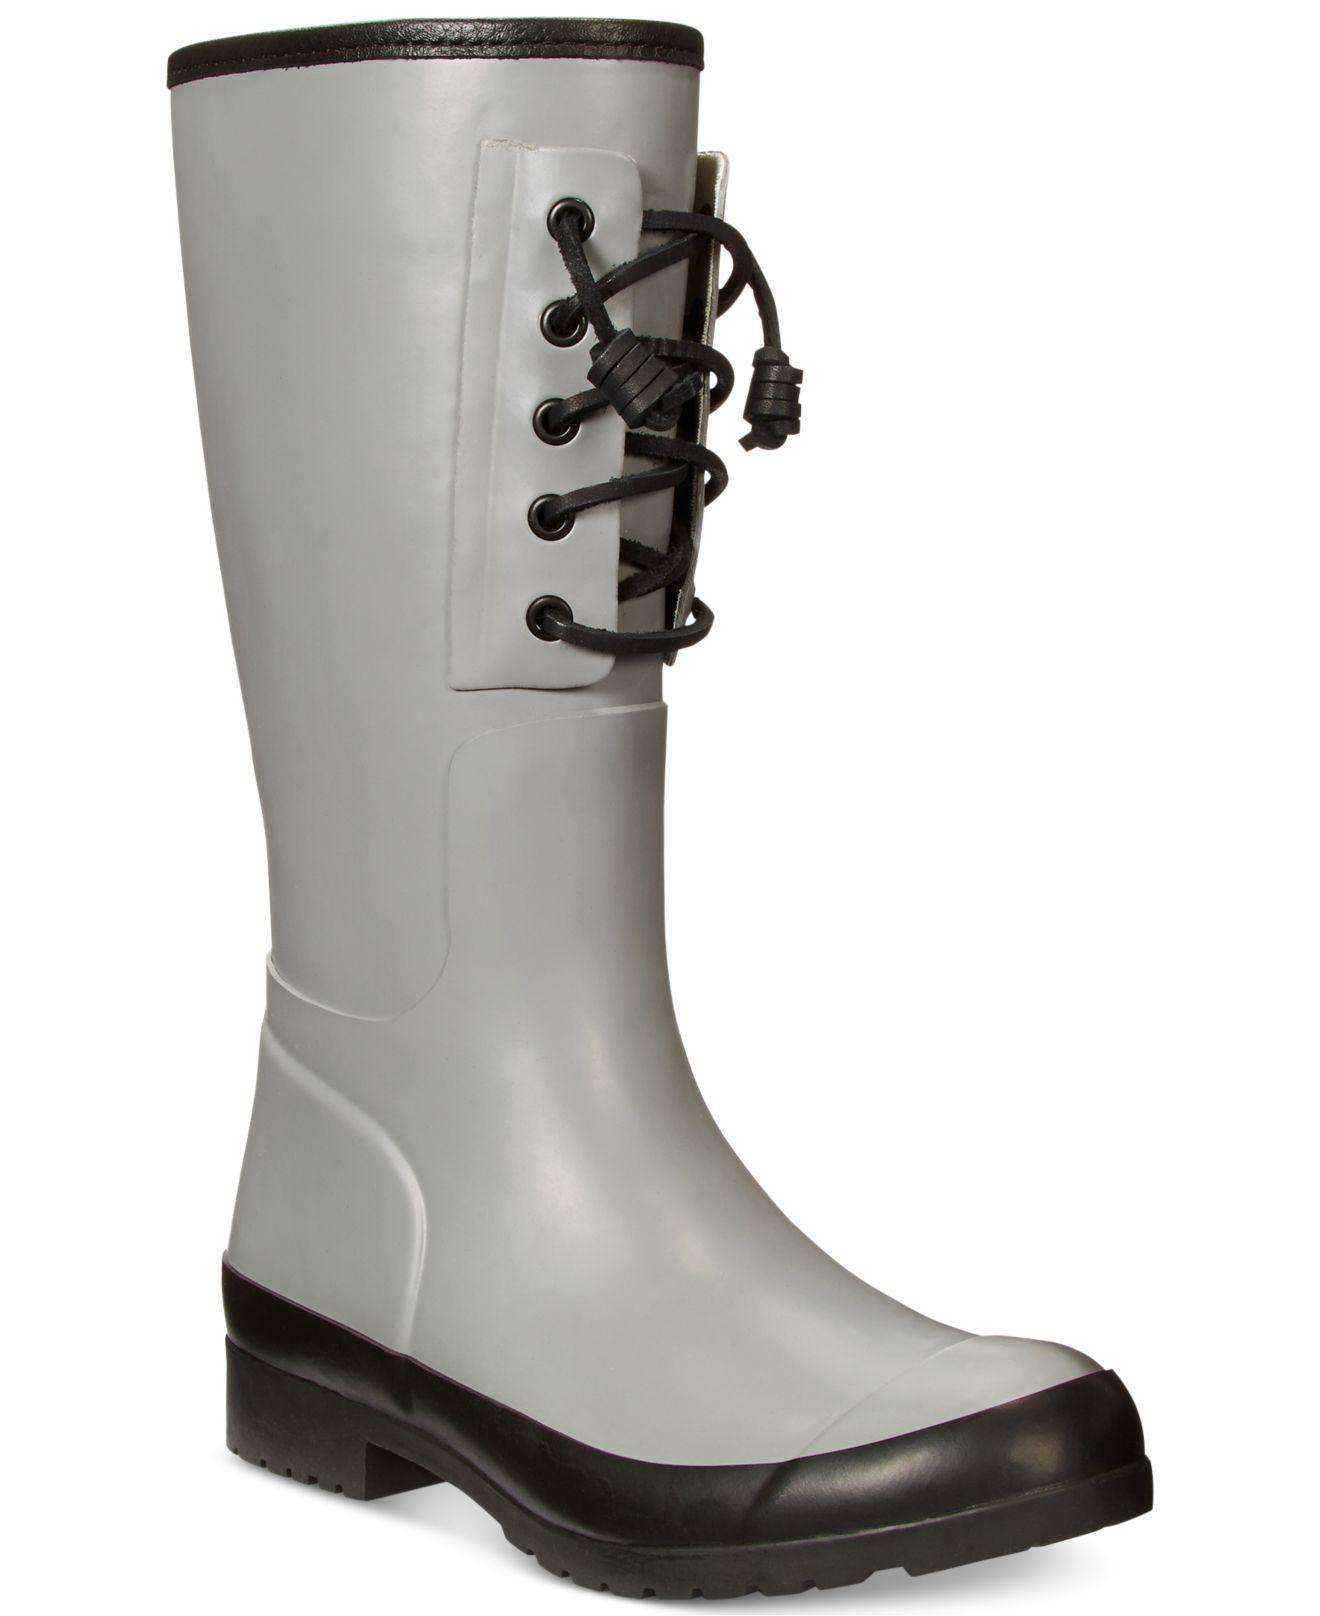 Sperry top-sider Women's Walker Spray Rain Boots in Gray | Lyst